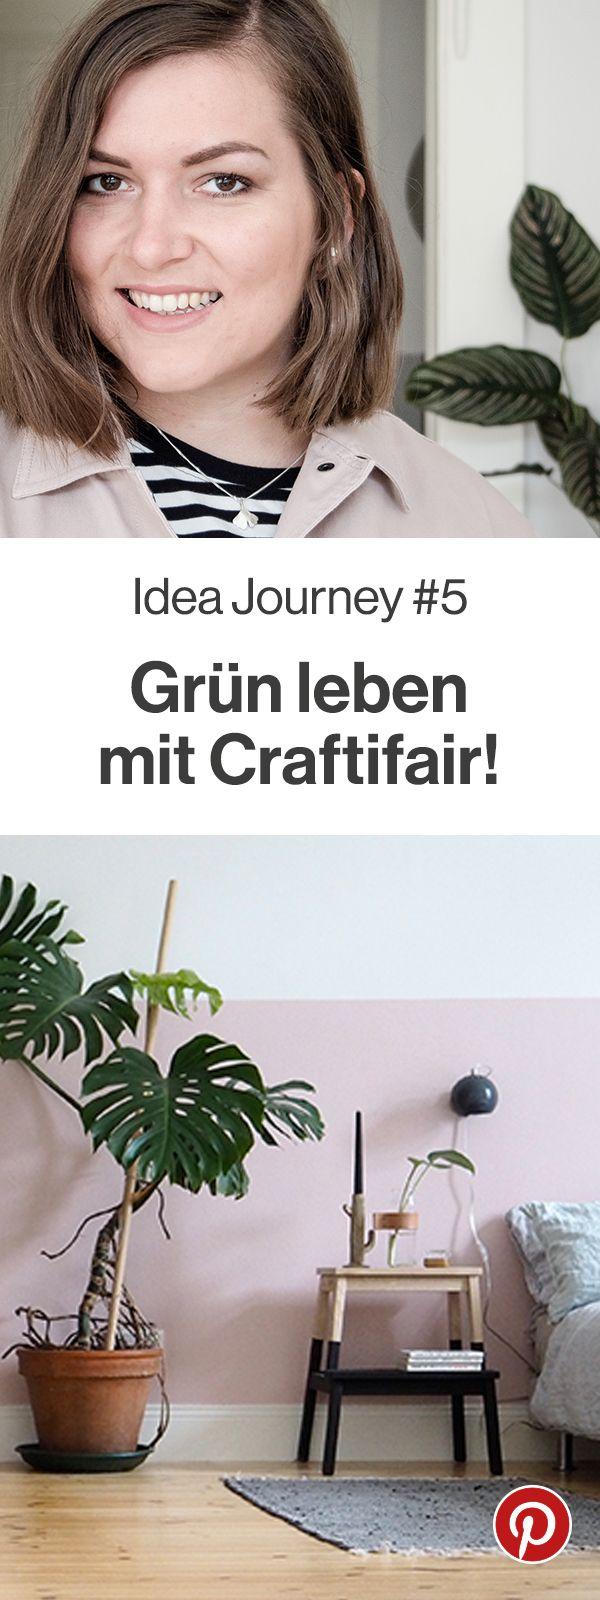 Das Thema unserer Idea Journey im Monat Mai lautet 'Grün leben'! Macht alle wieder fleißig mit und gestaltet euer Leben ein bisschen grüner!